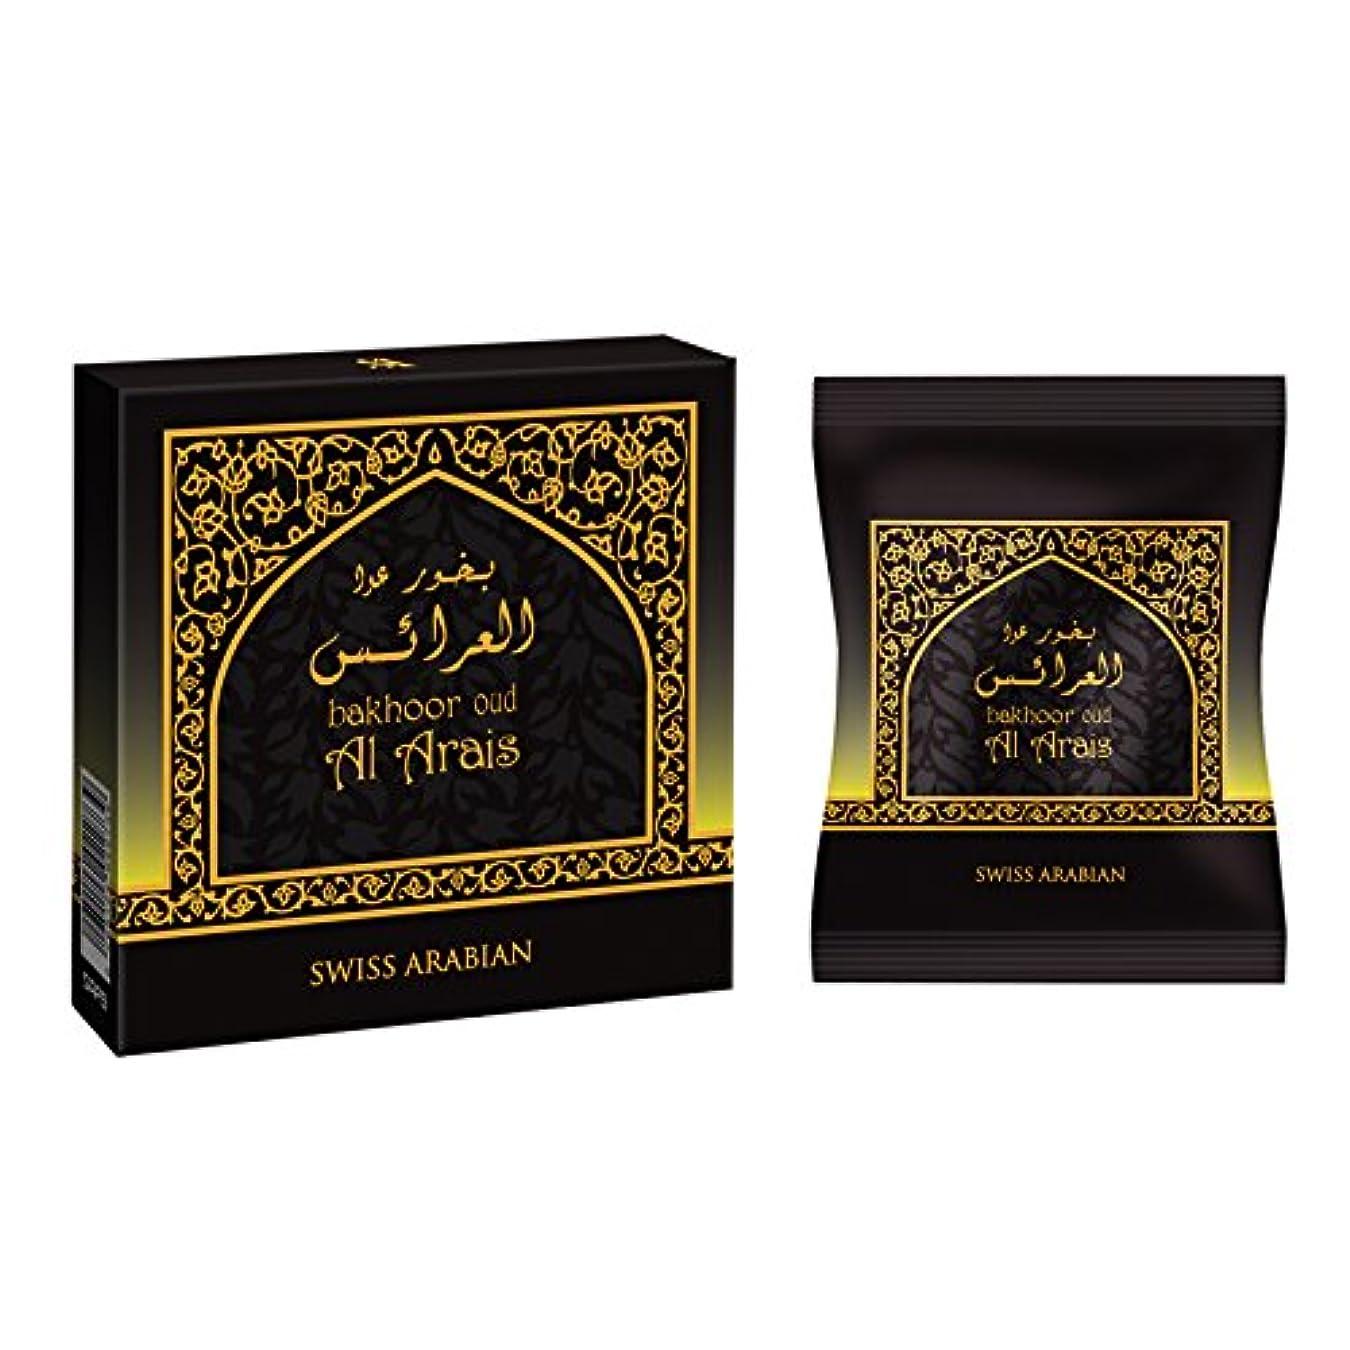 解く敬意を表する写真を撮るswissarabian Oud Al Arais Bakhoor (40g) Incense